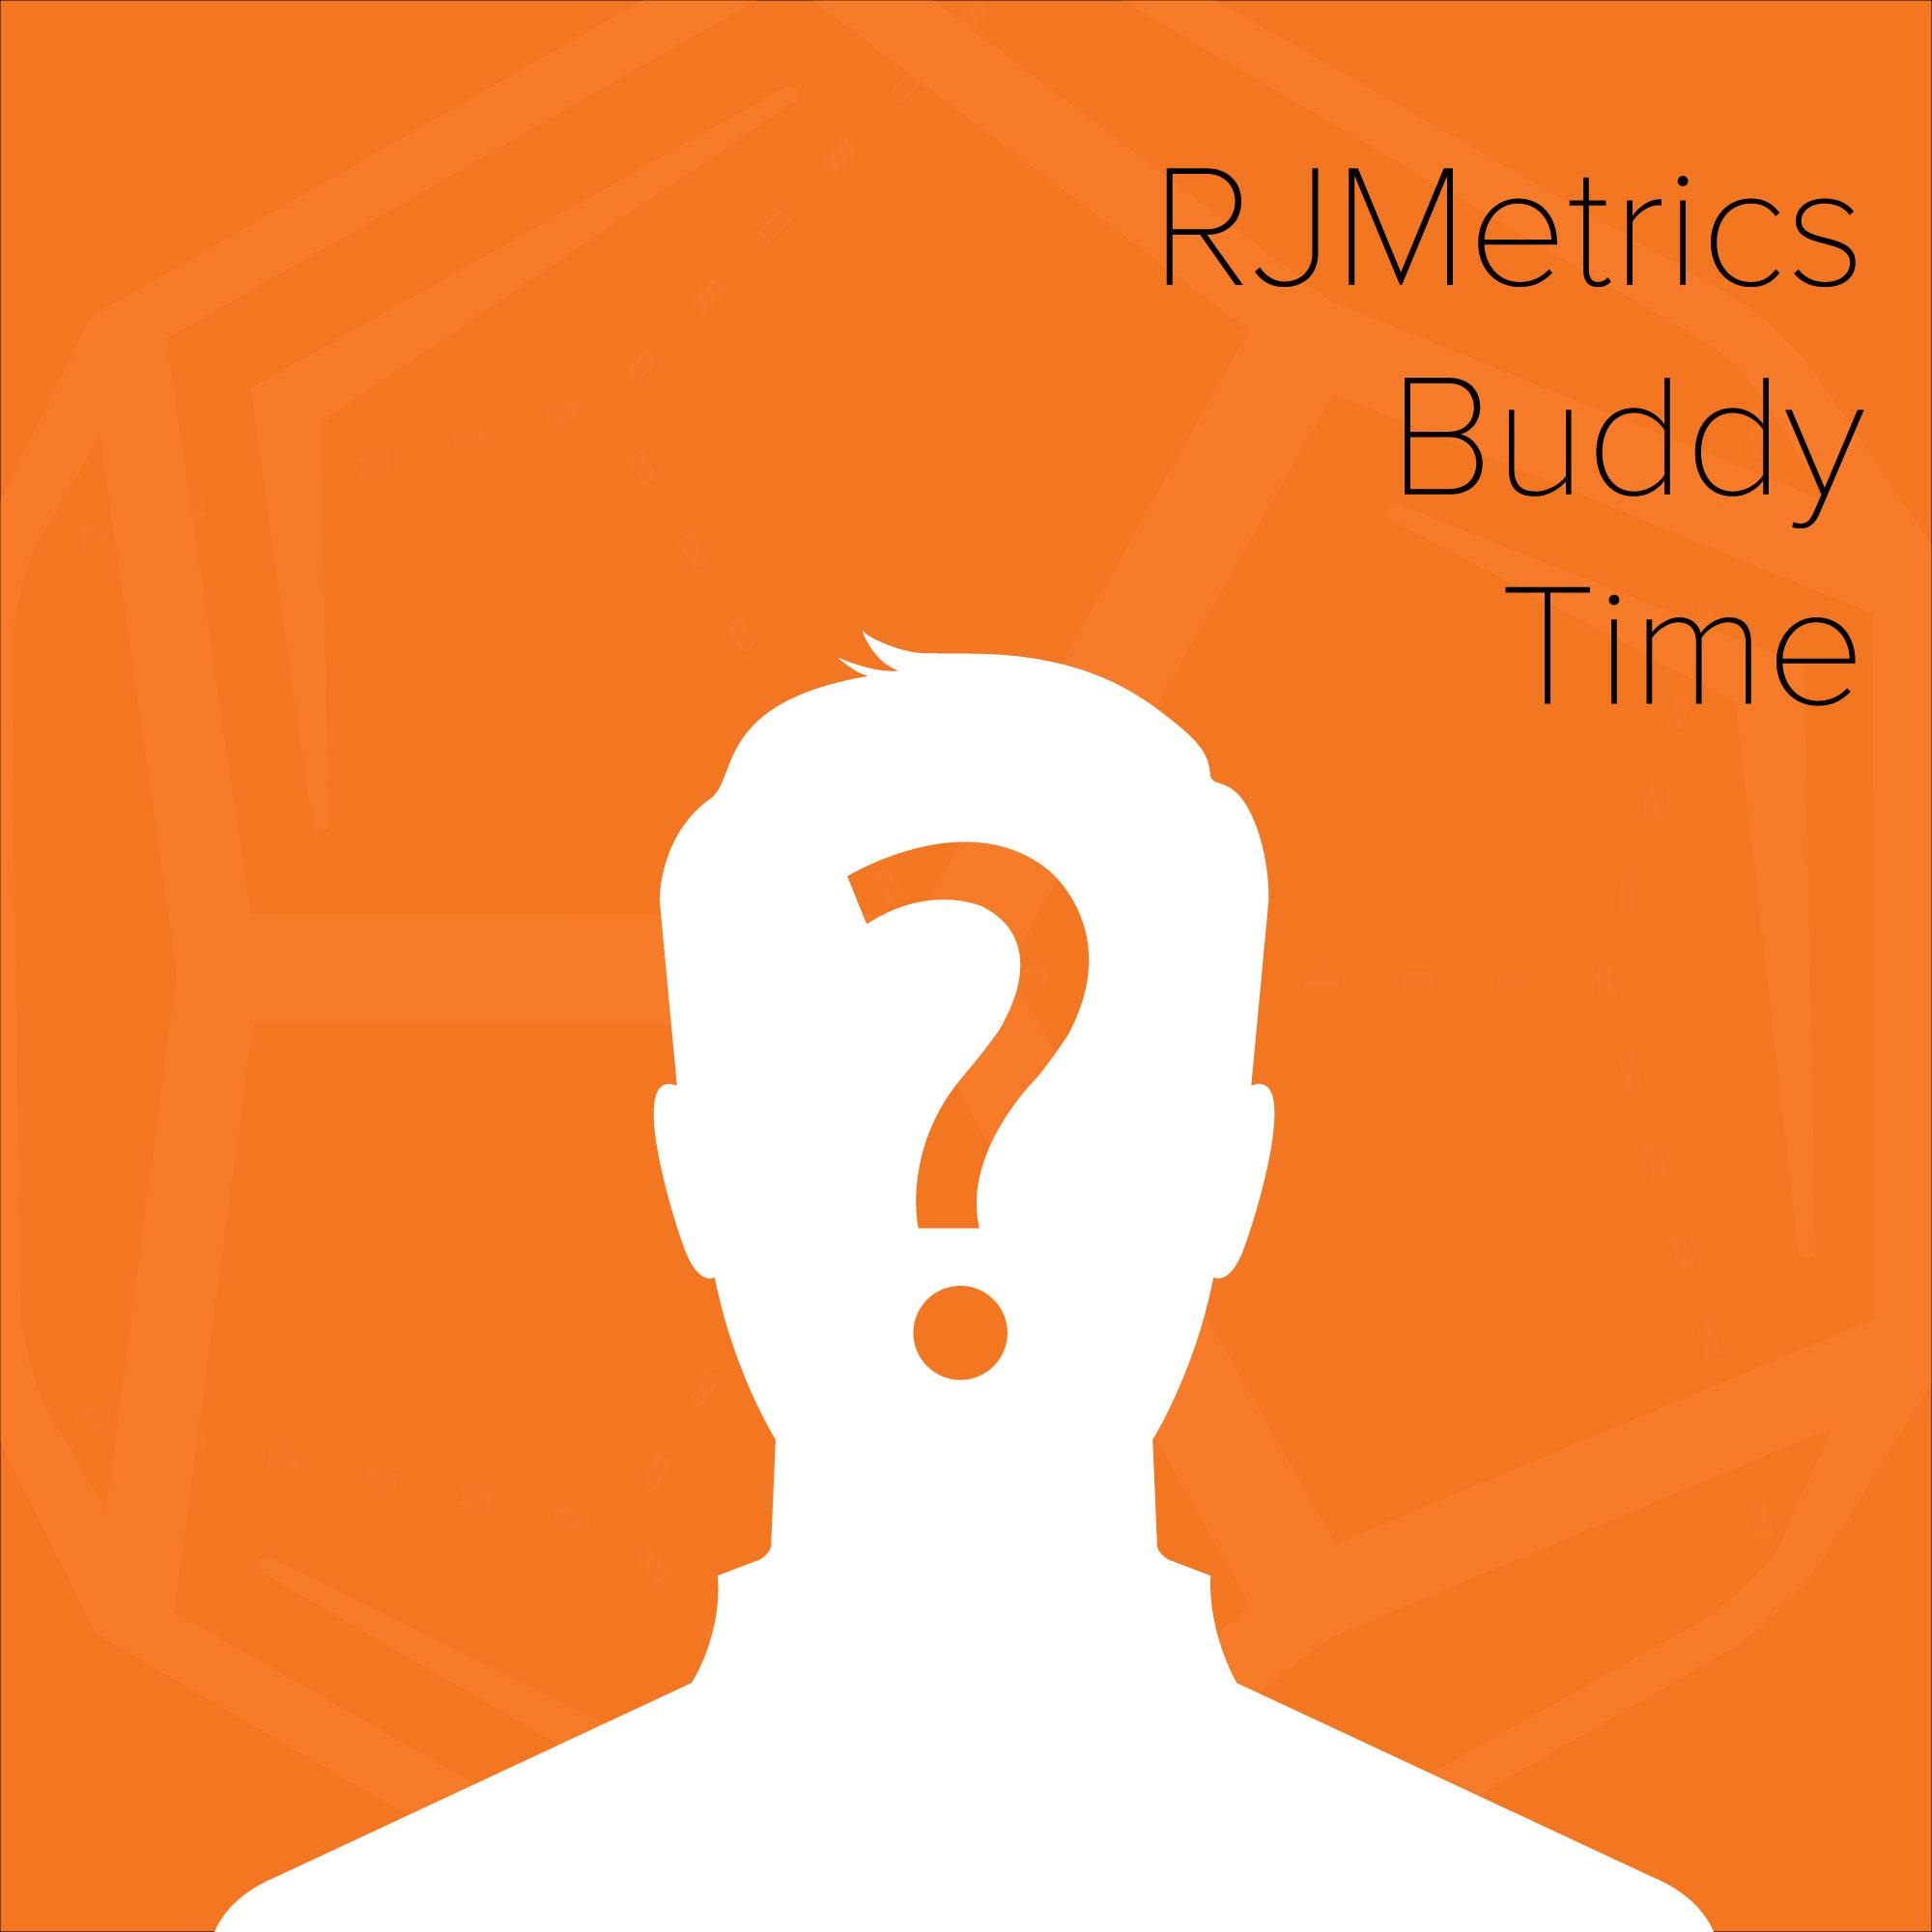 RJMetrics Buddy Time